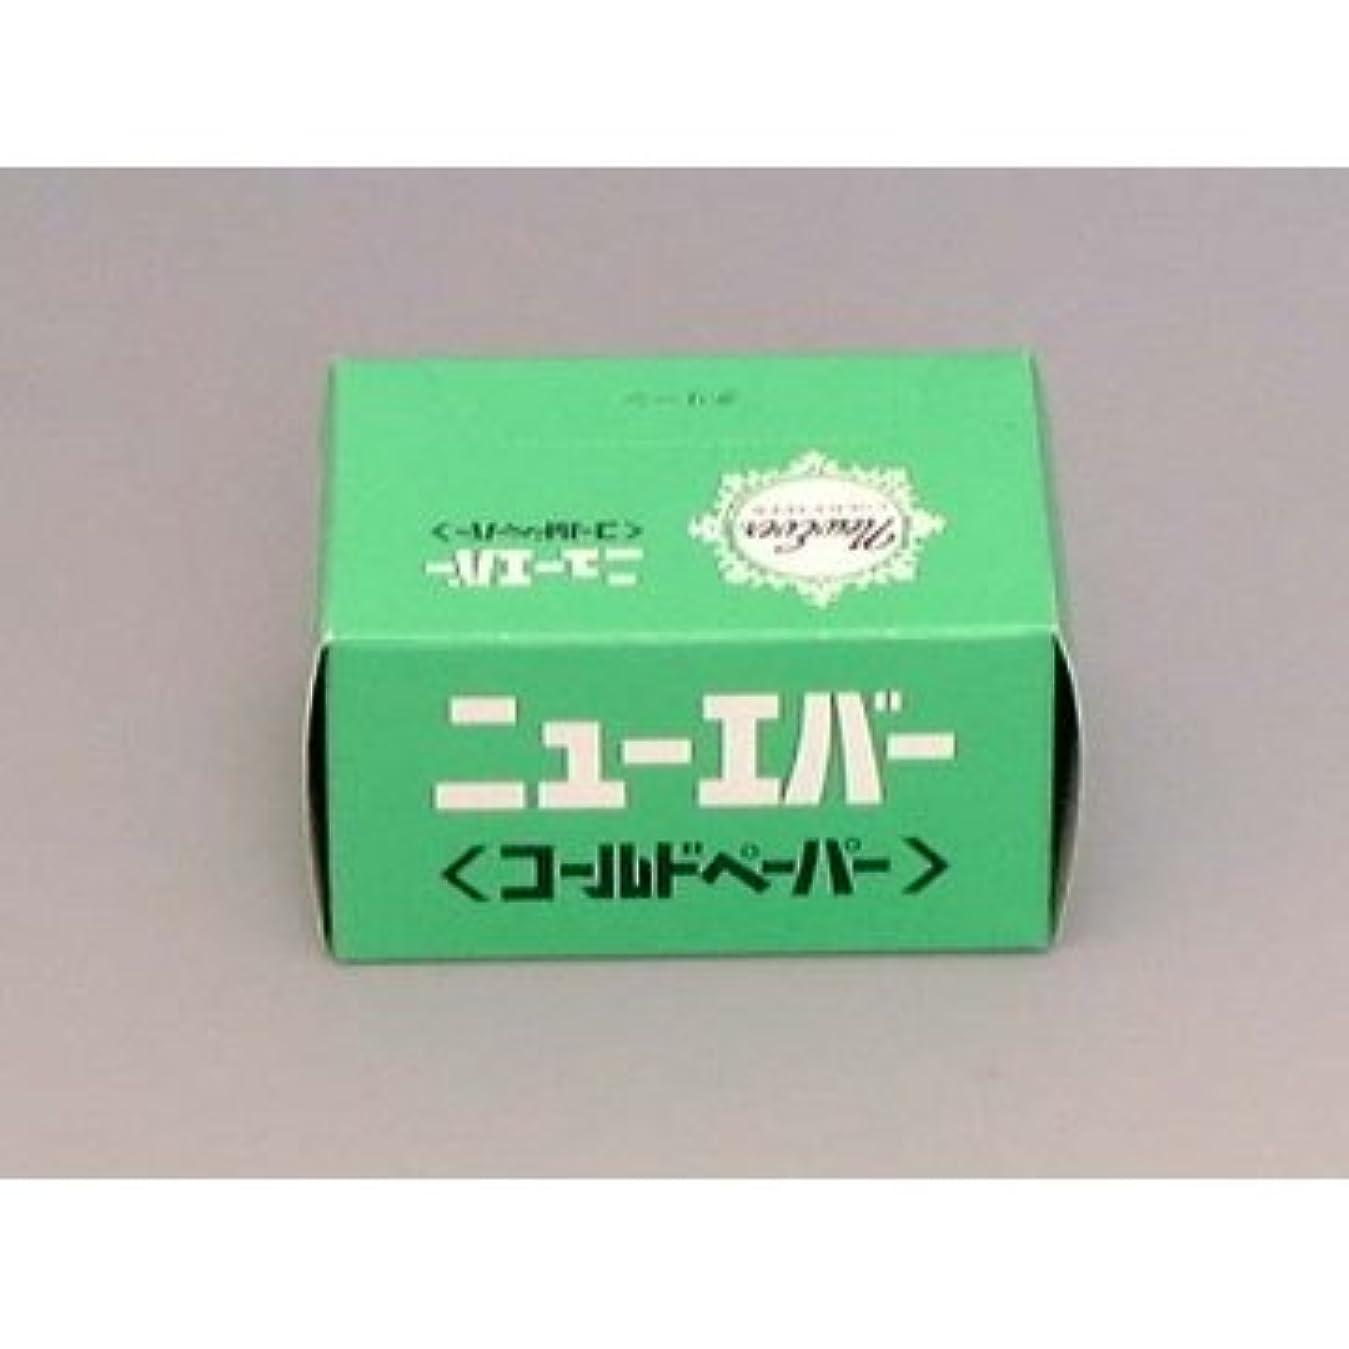 アームストロング風邪をひくルー米正 ニューエバー コールドペーパー グリーン スモールサイズ 300枚入